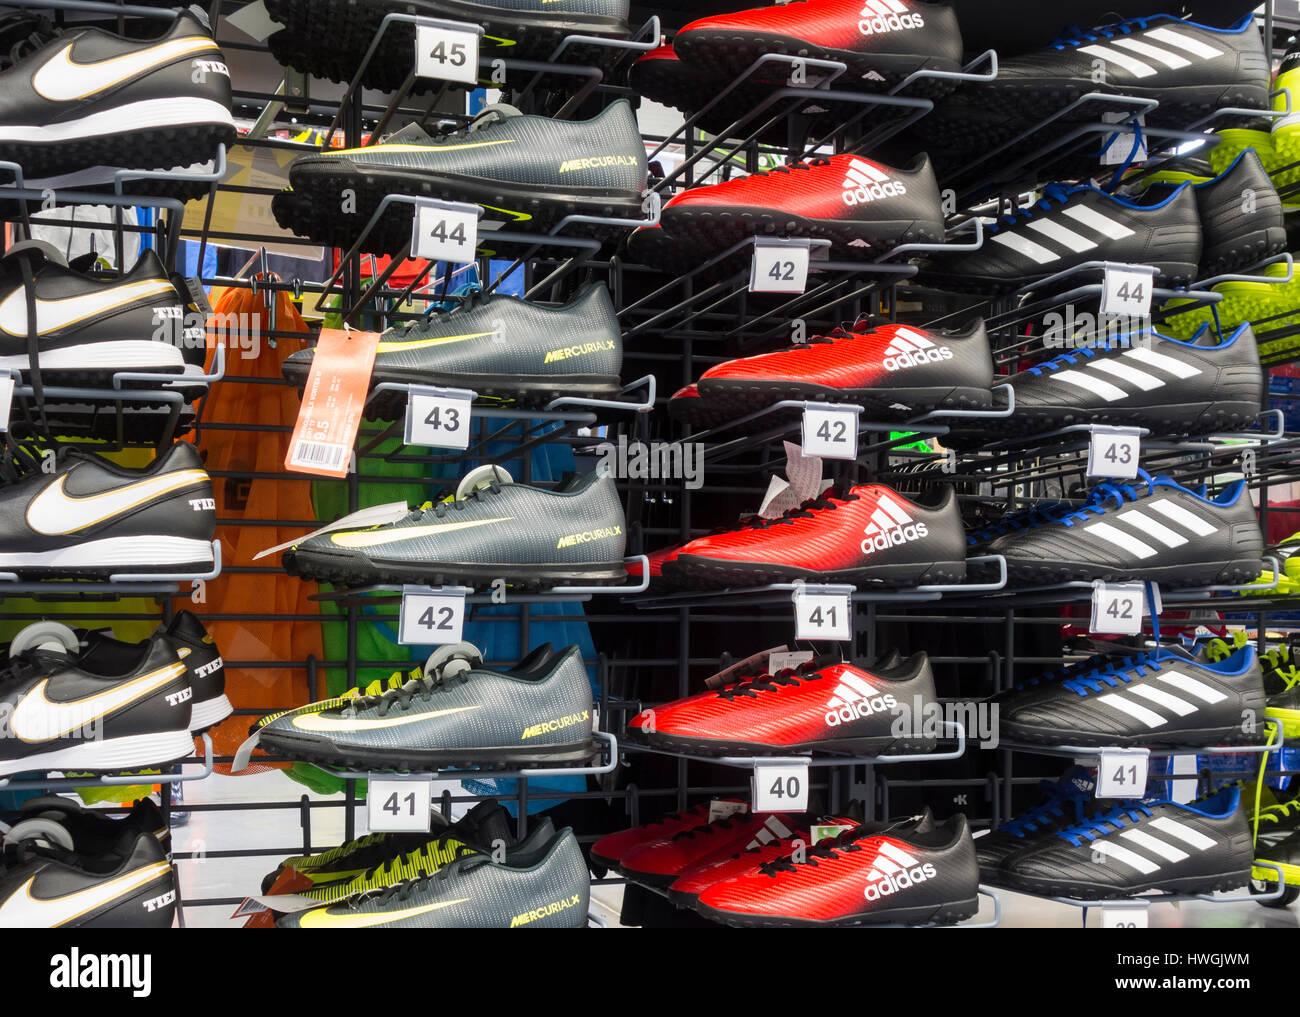 5e2ef1d2d085f Botas de fútbol de Nike en la tienda Decathlon